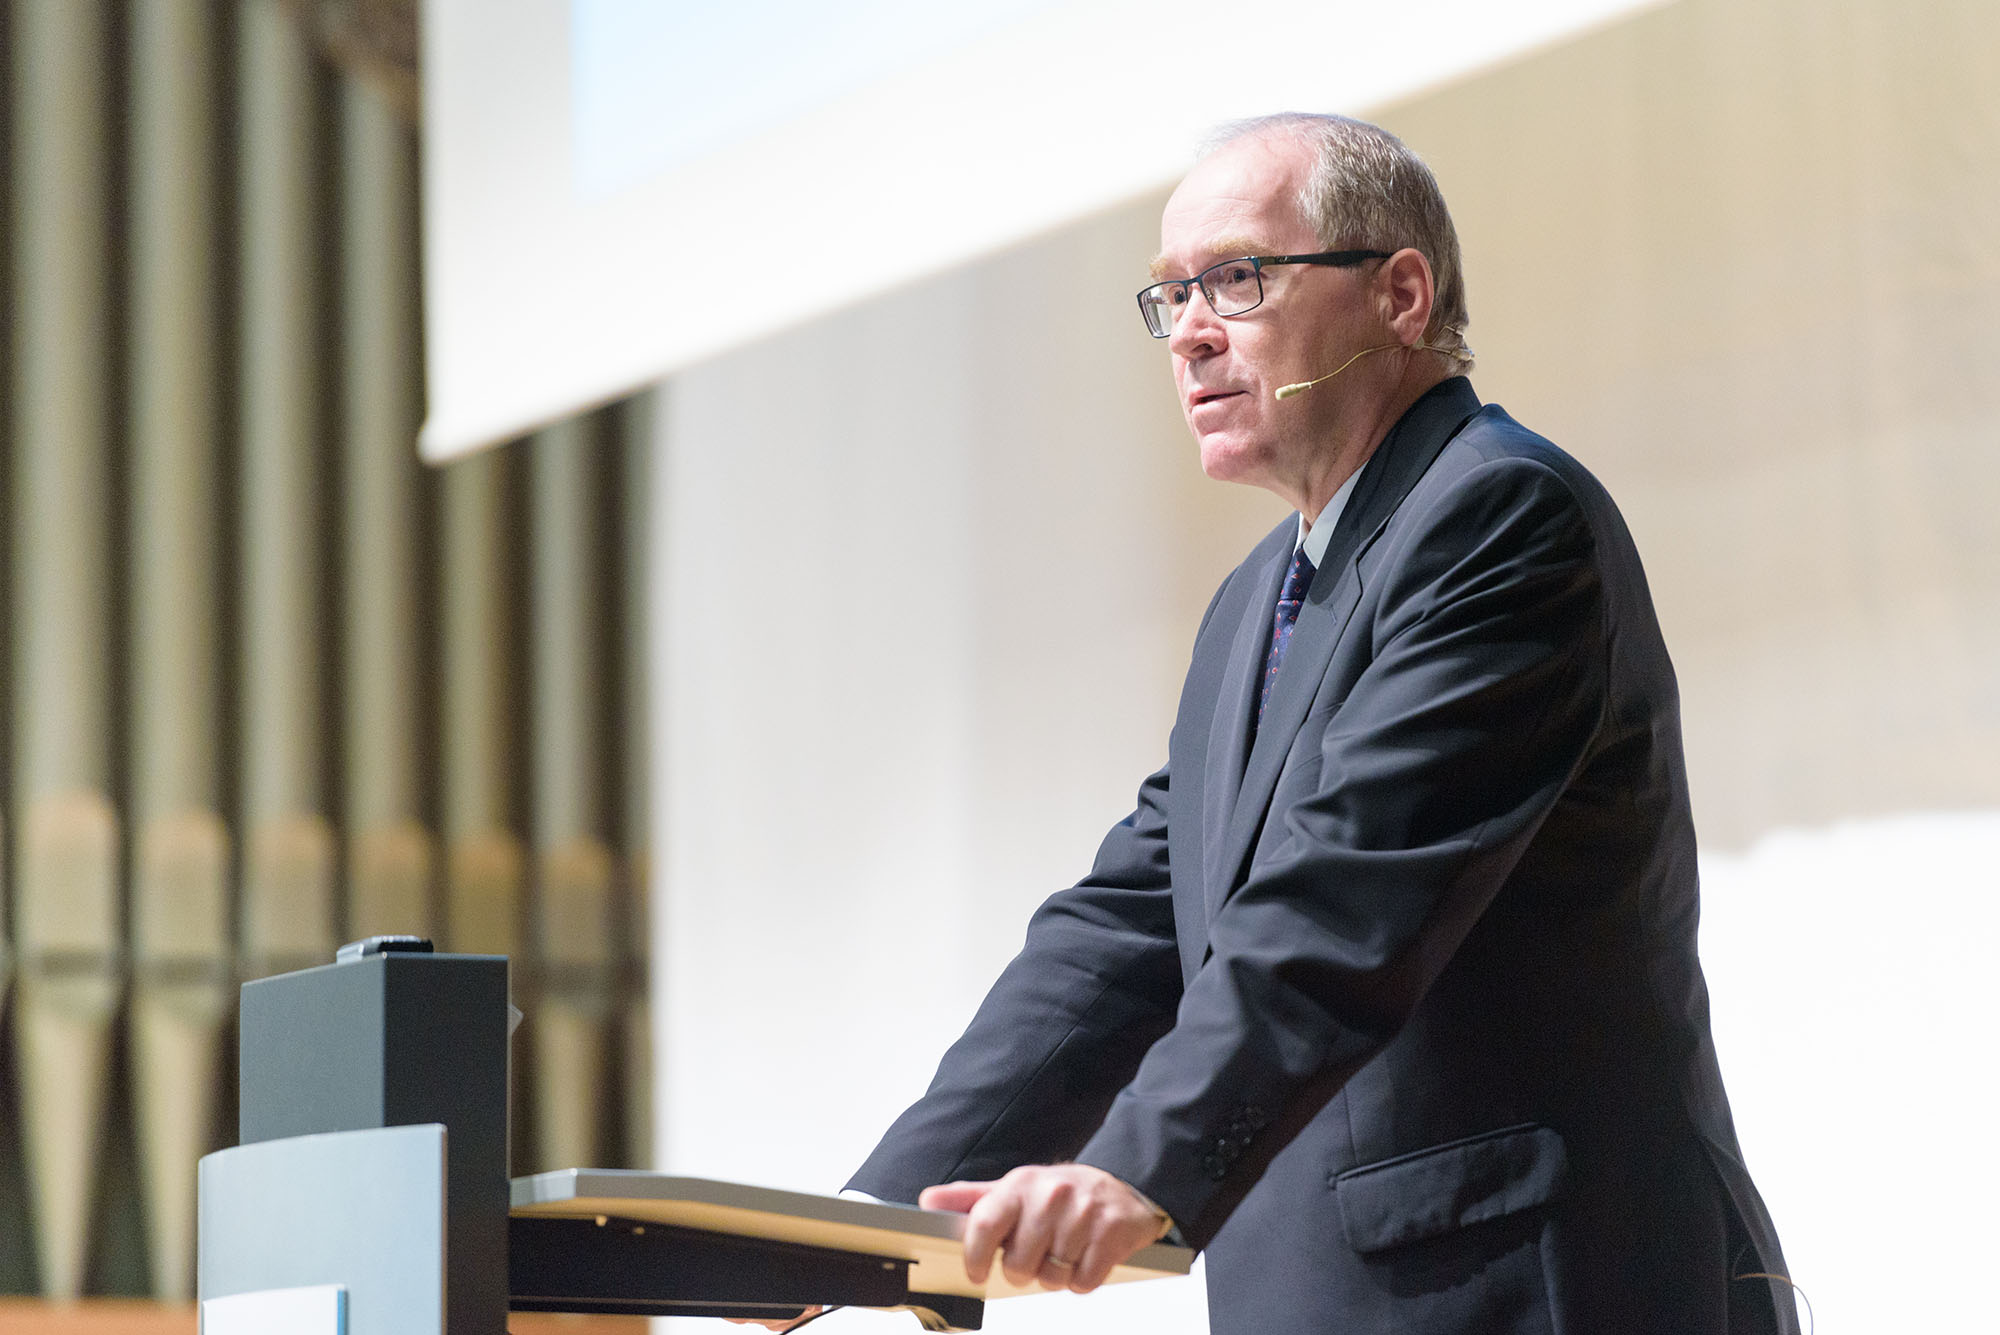 Botschafter Raymund Furrer, Leiter Leistungsbereich Wirtschaftliche Zusammenarbeit und Entwicklung SECO